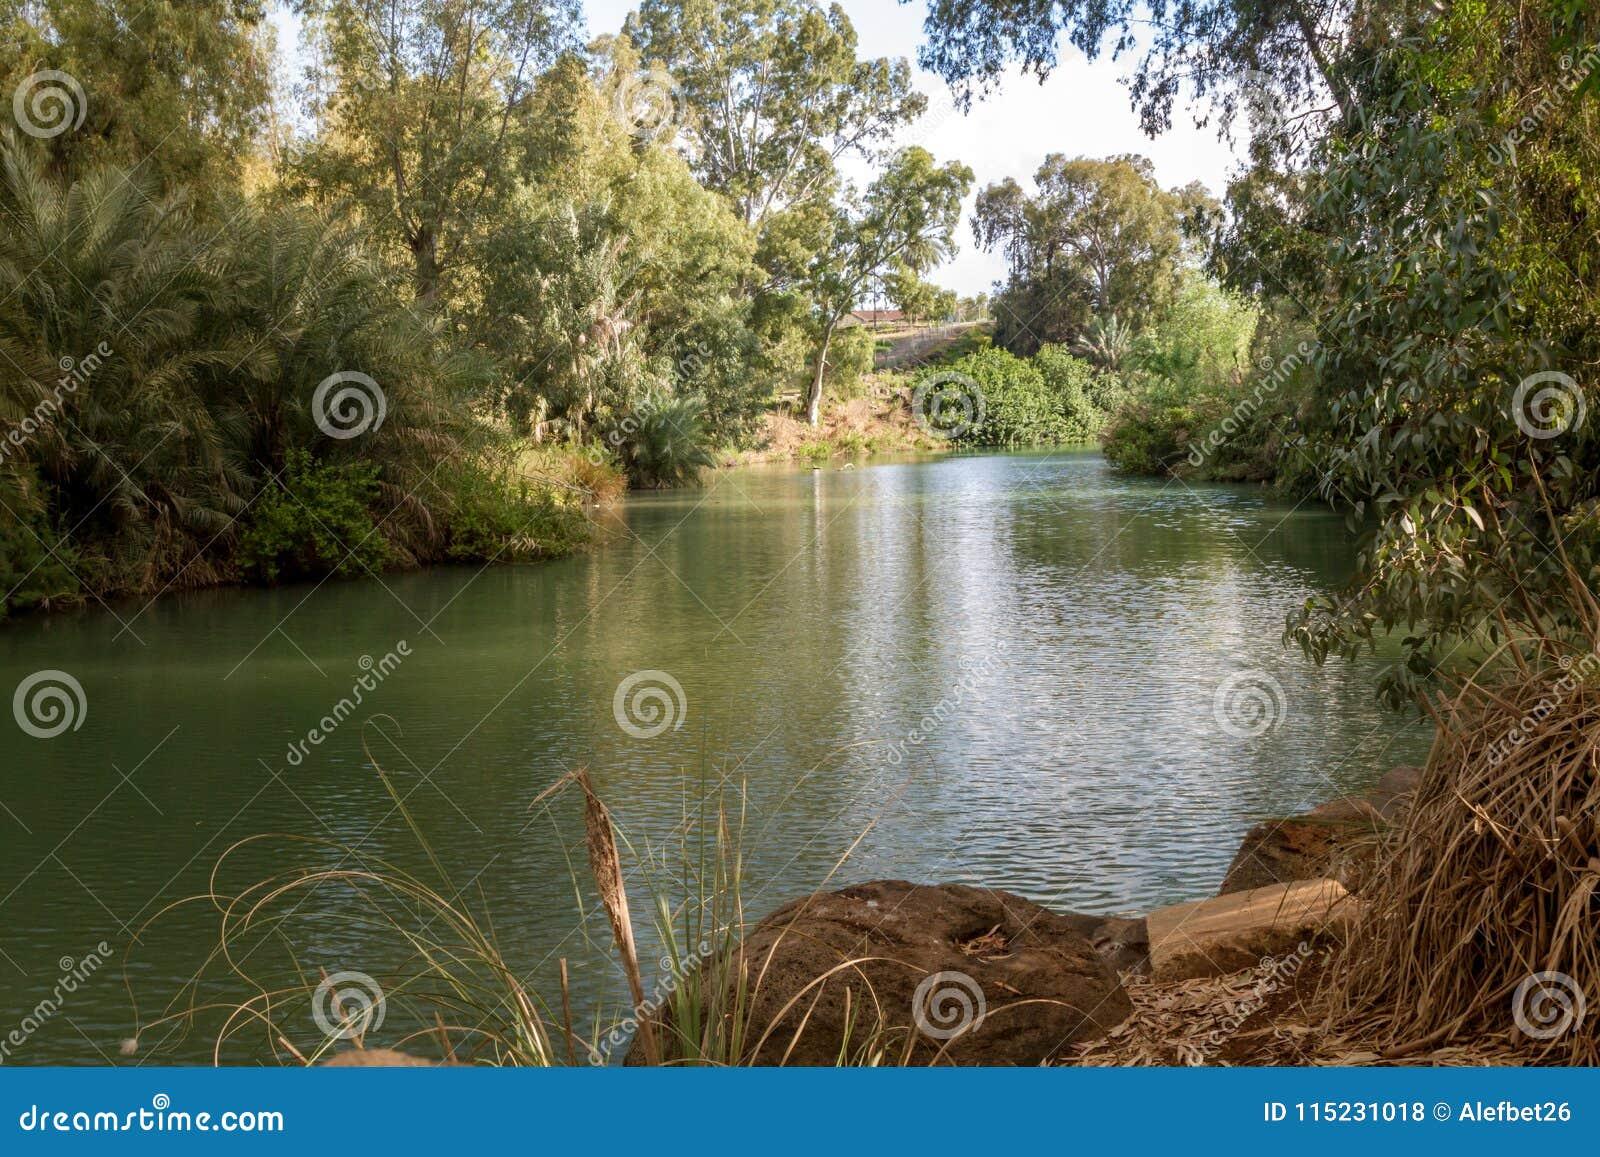 Shores of Jordan River at Baptismal Site, Israel